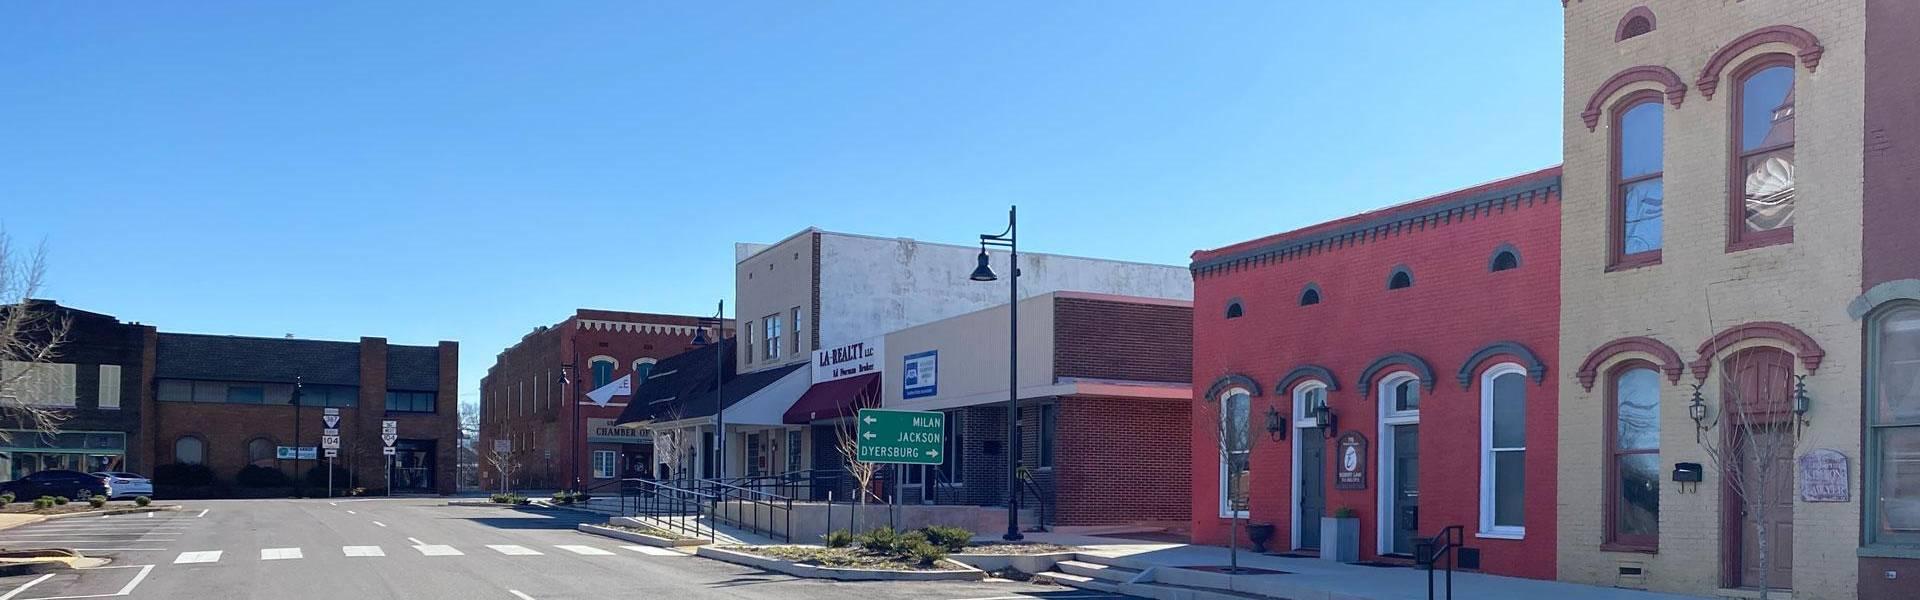 Streets-of-Trenton